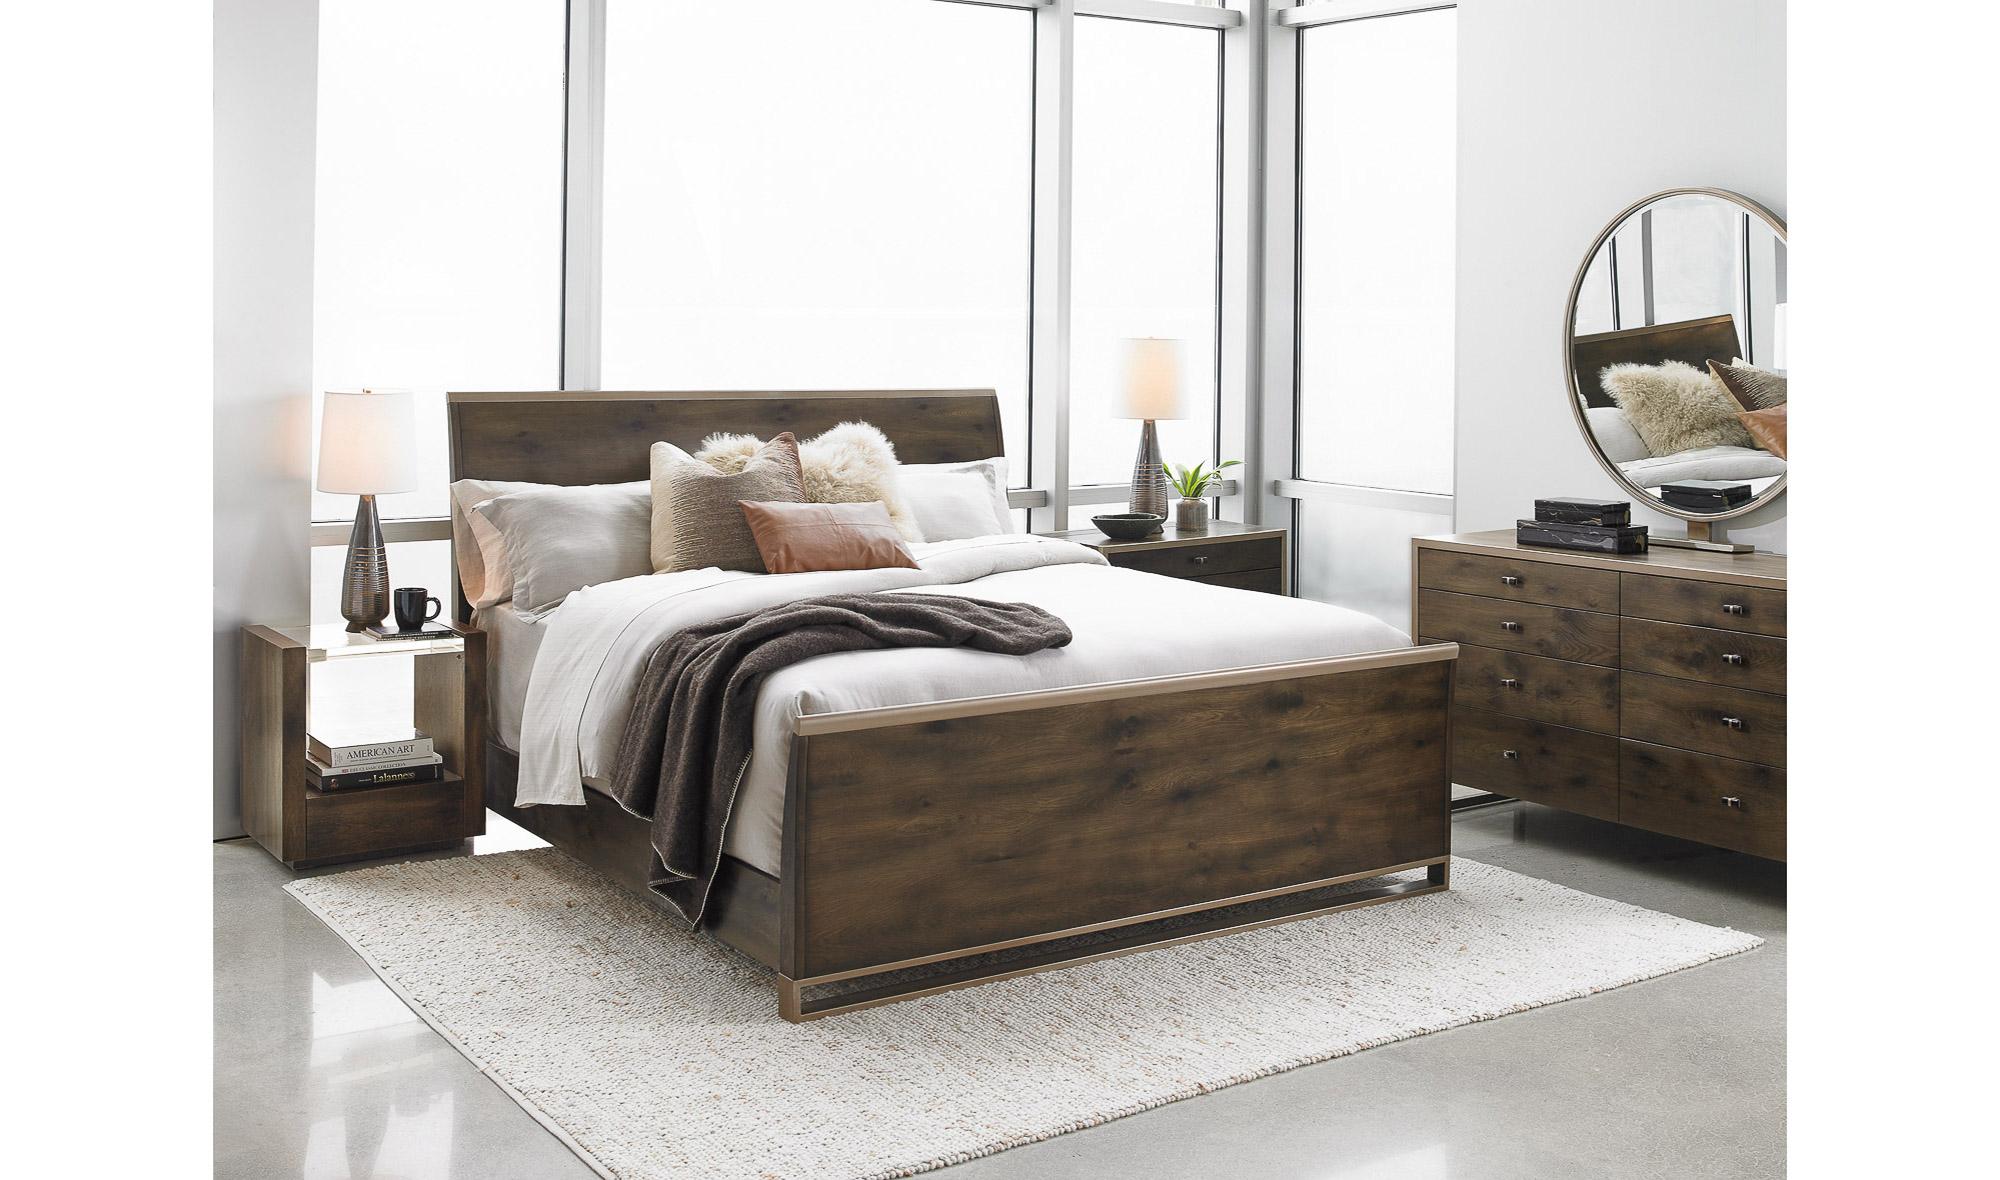 Cama night cap artisan en for Artisan muebles